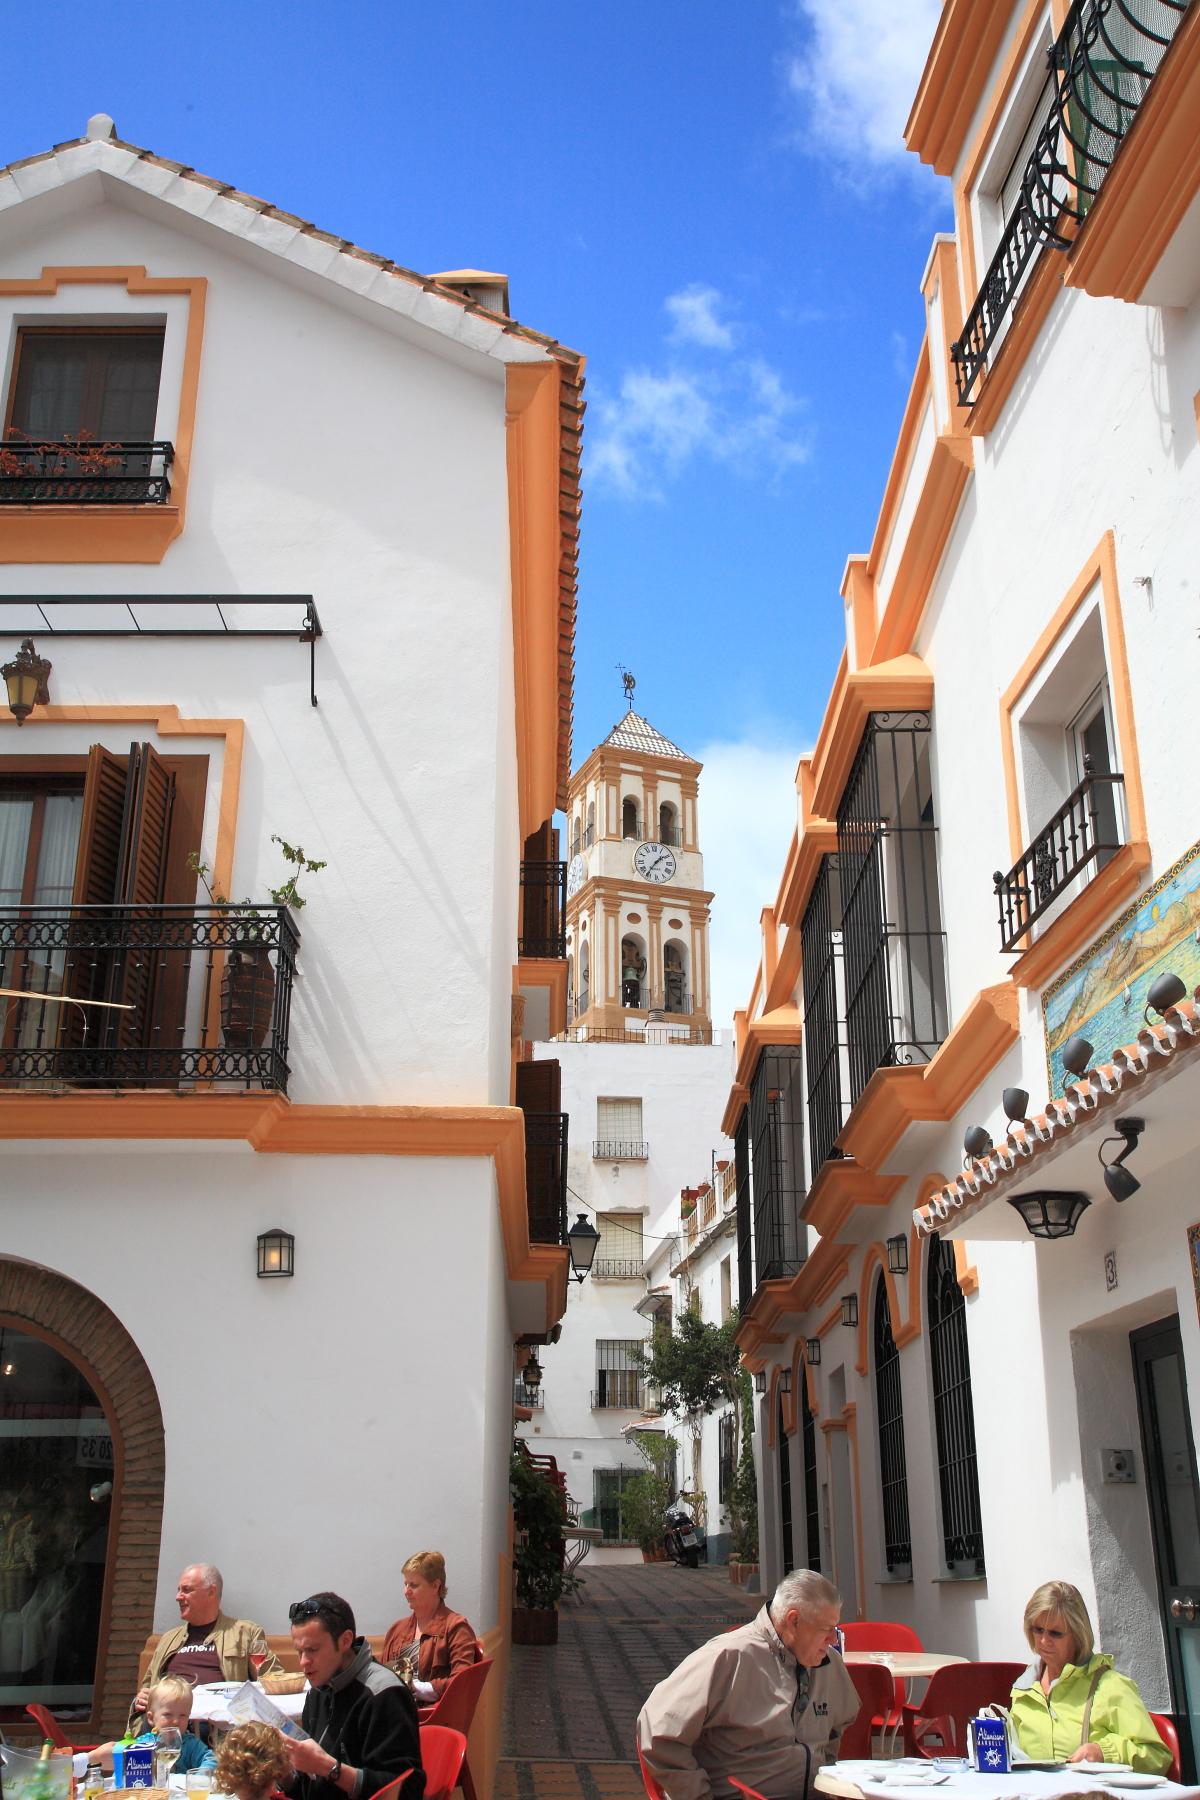 Amistad laguna lara en Marbella-7533